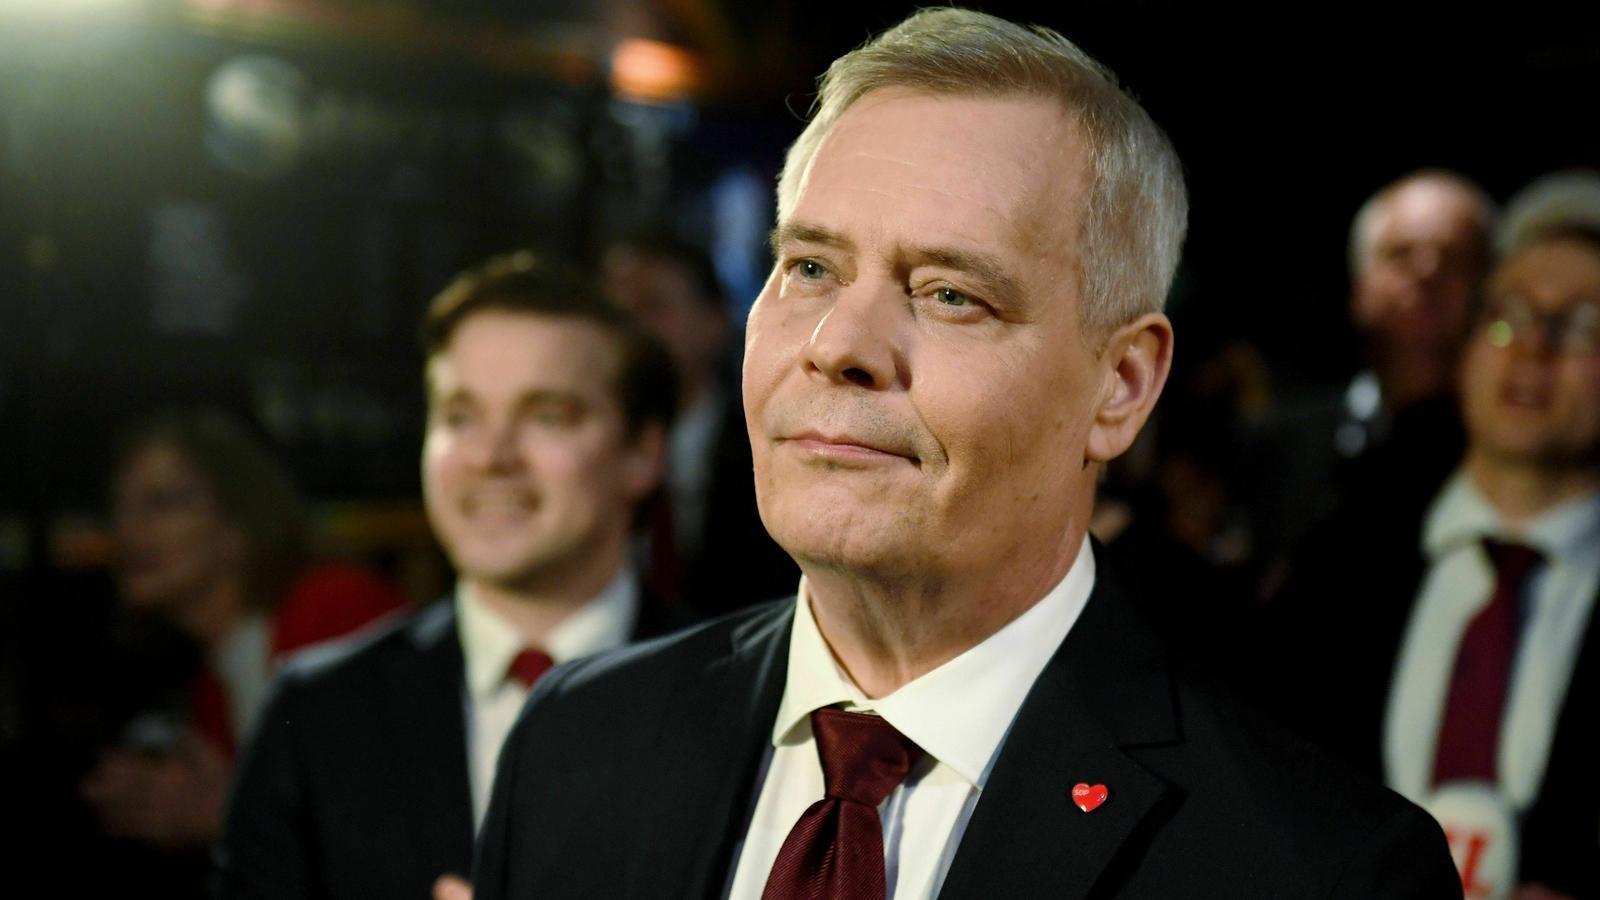 Empat a Finlàndia entre la socialdemocràcia i la ultradreta